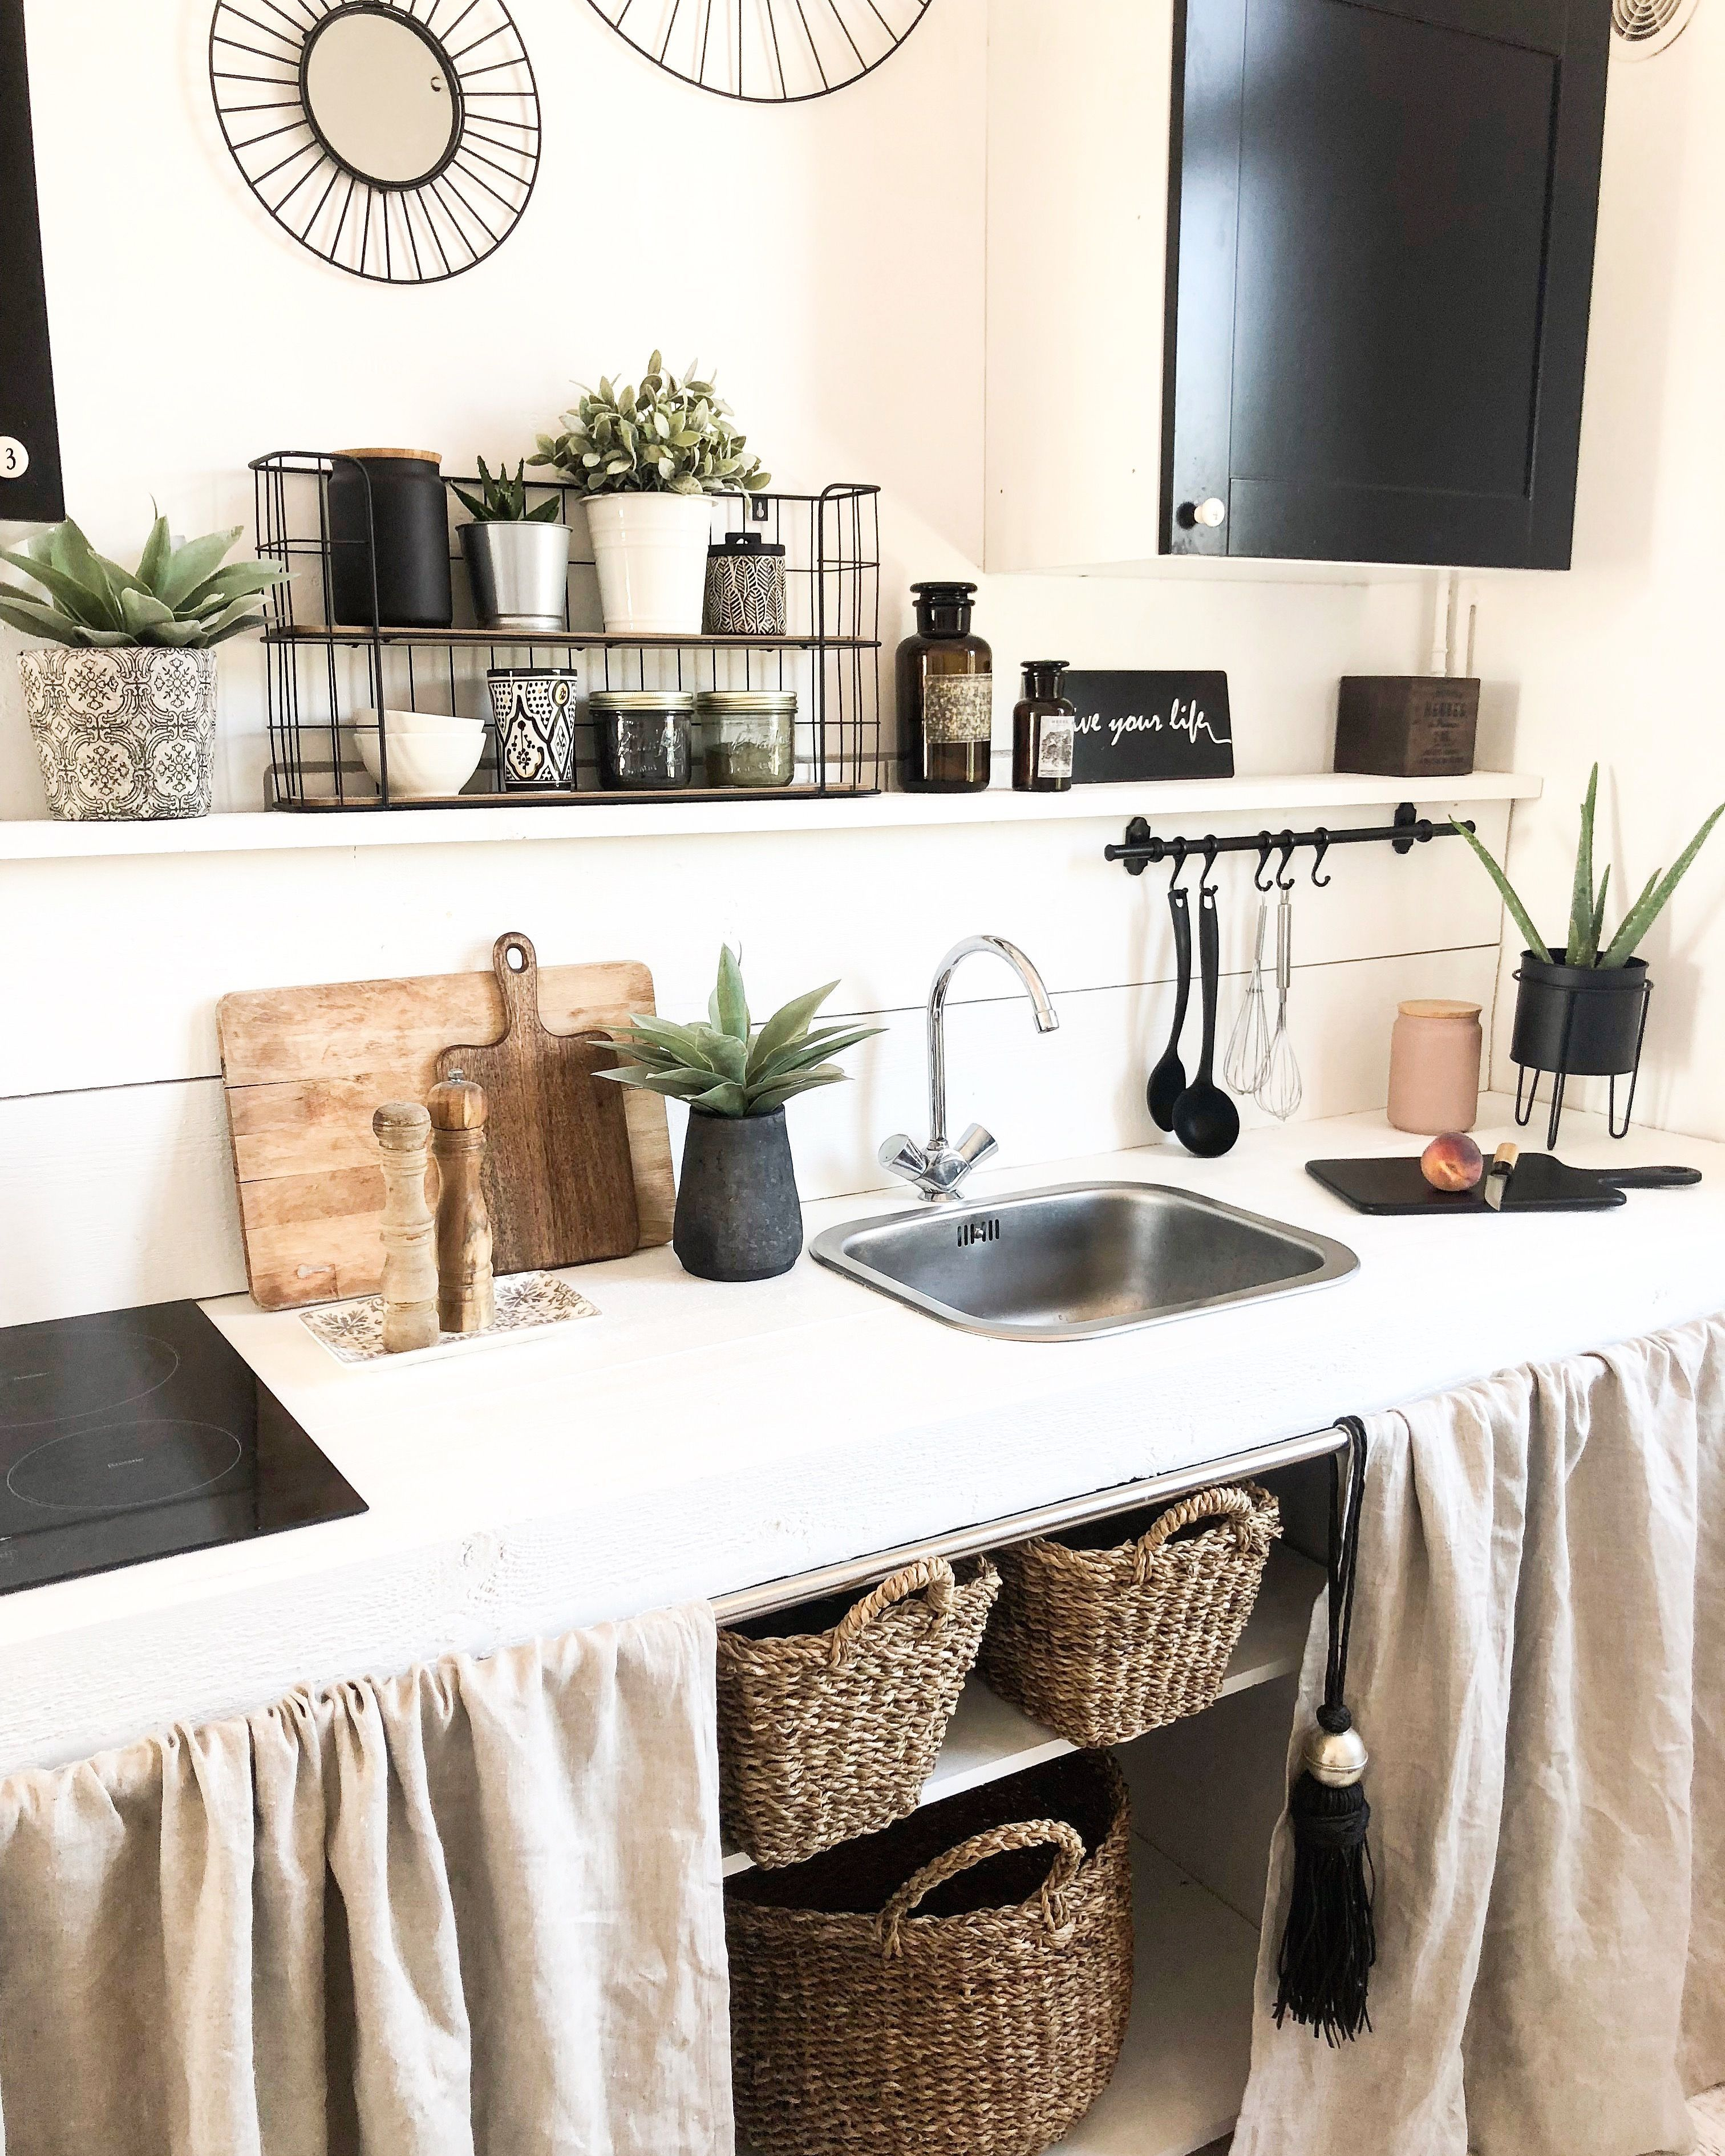 14+ Fabriquer sa cuisine equipee ideas in 2021